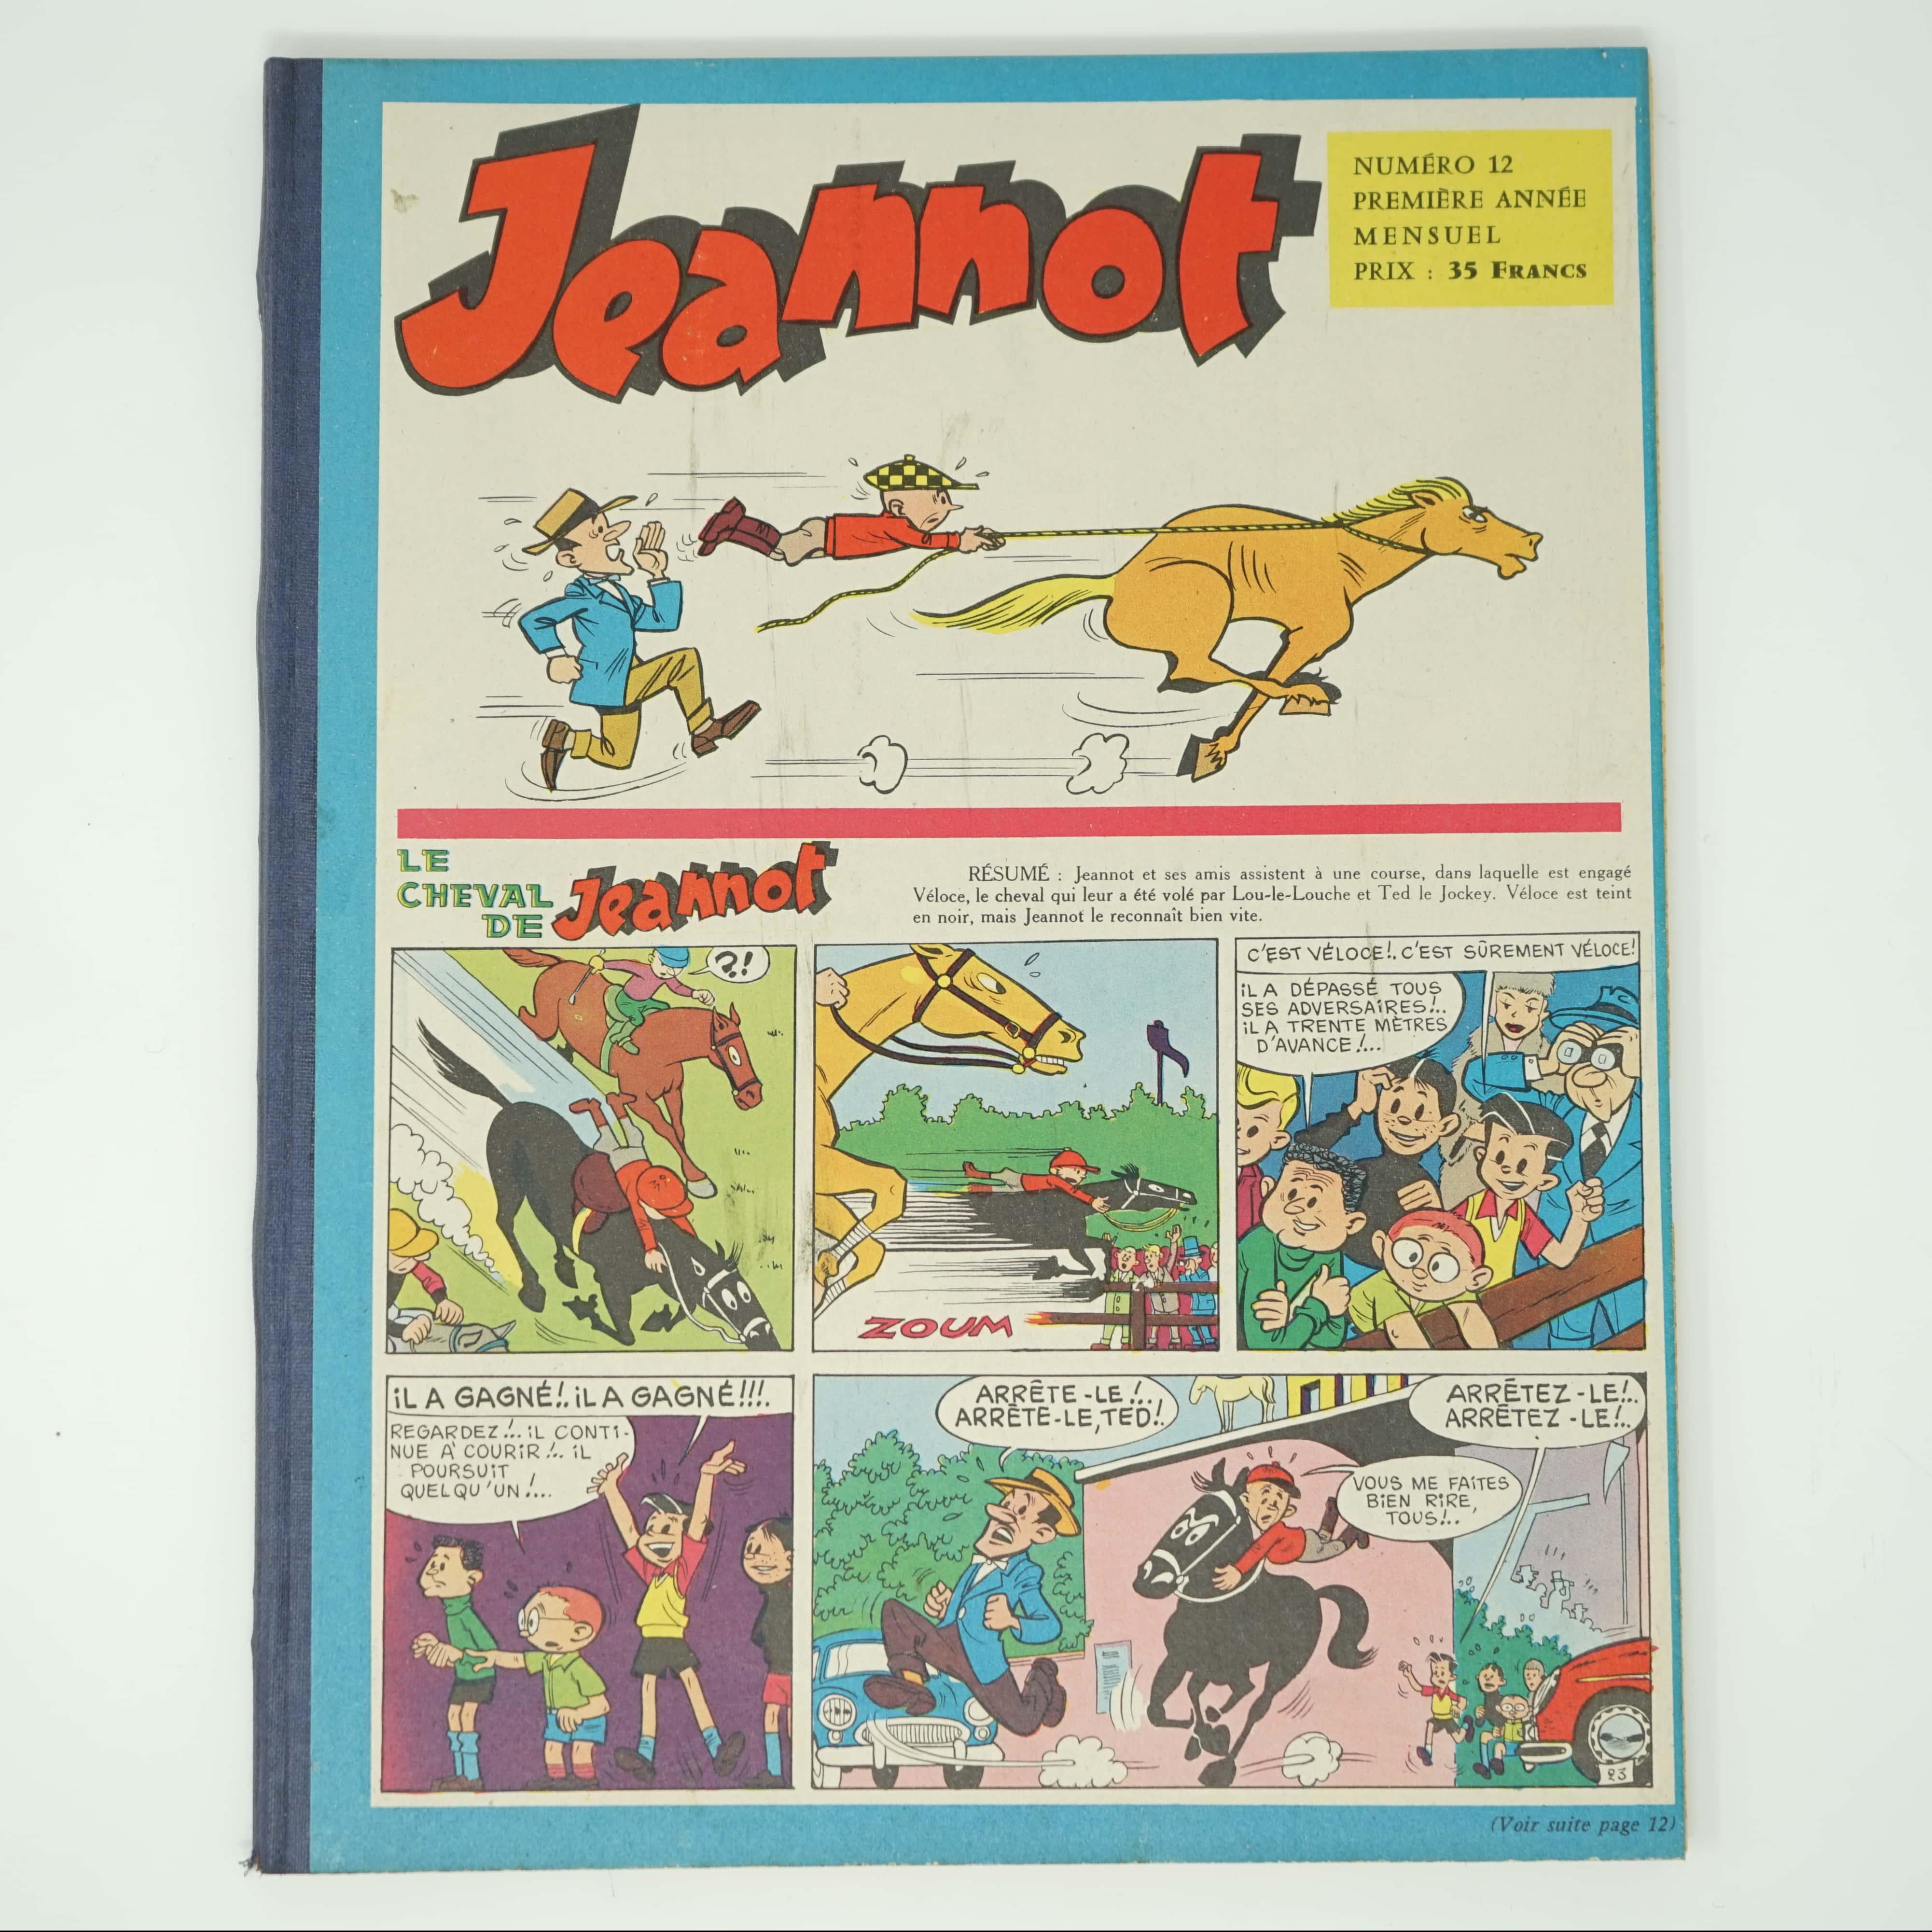 Recueil Jeannot une BD de Goscinny couverture